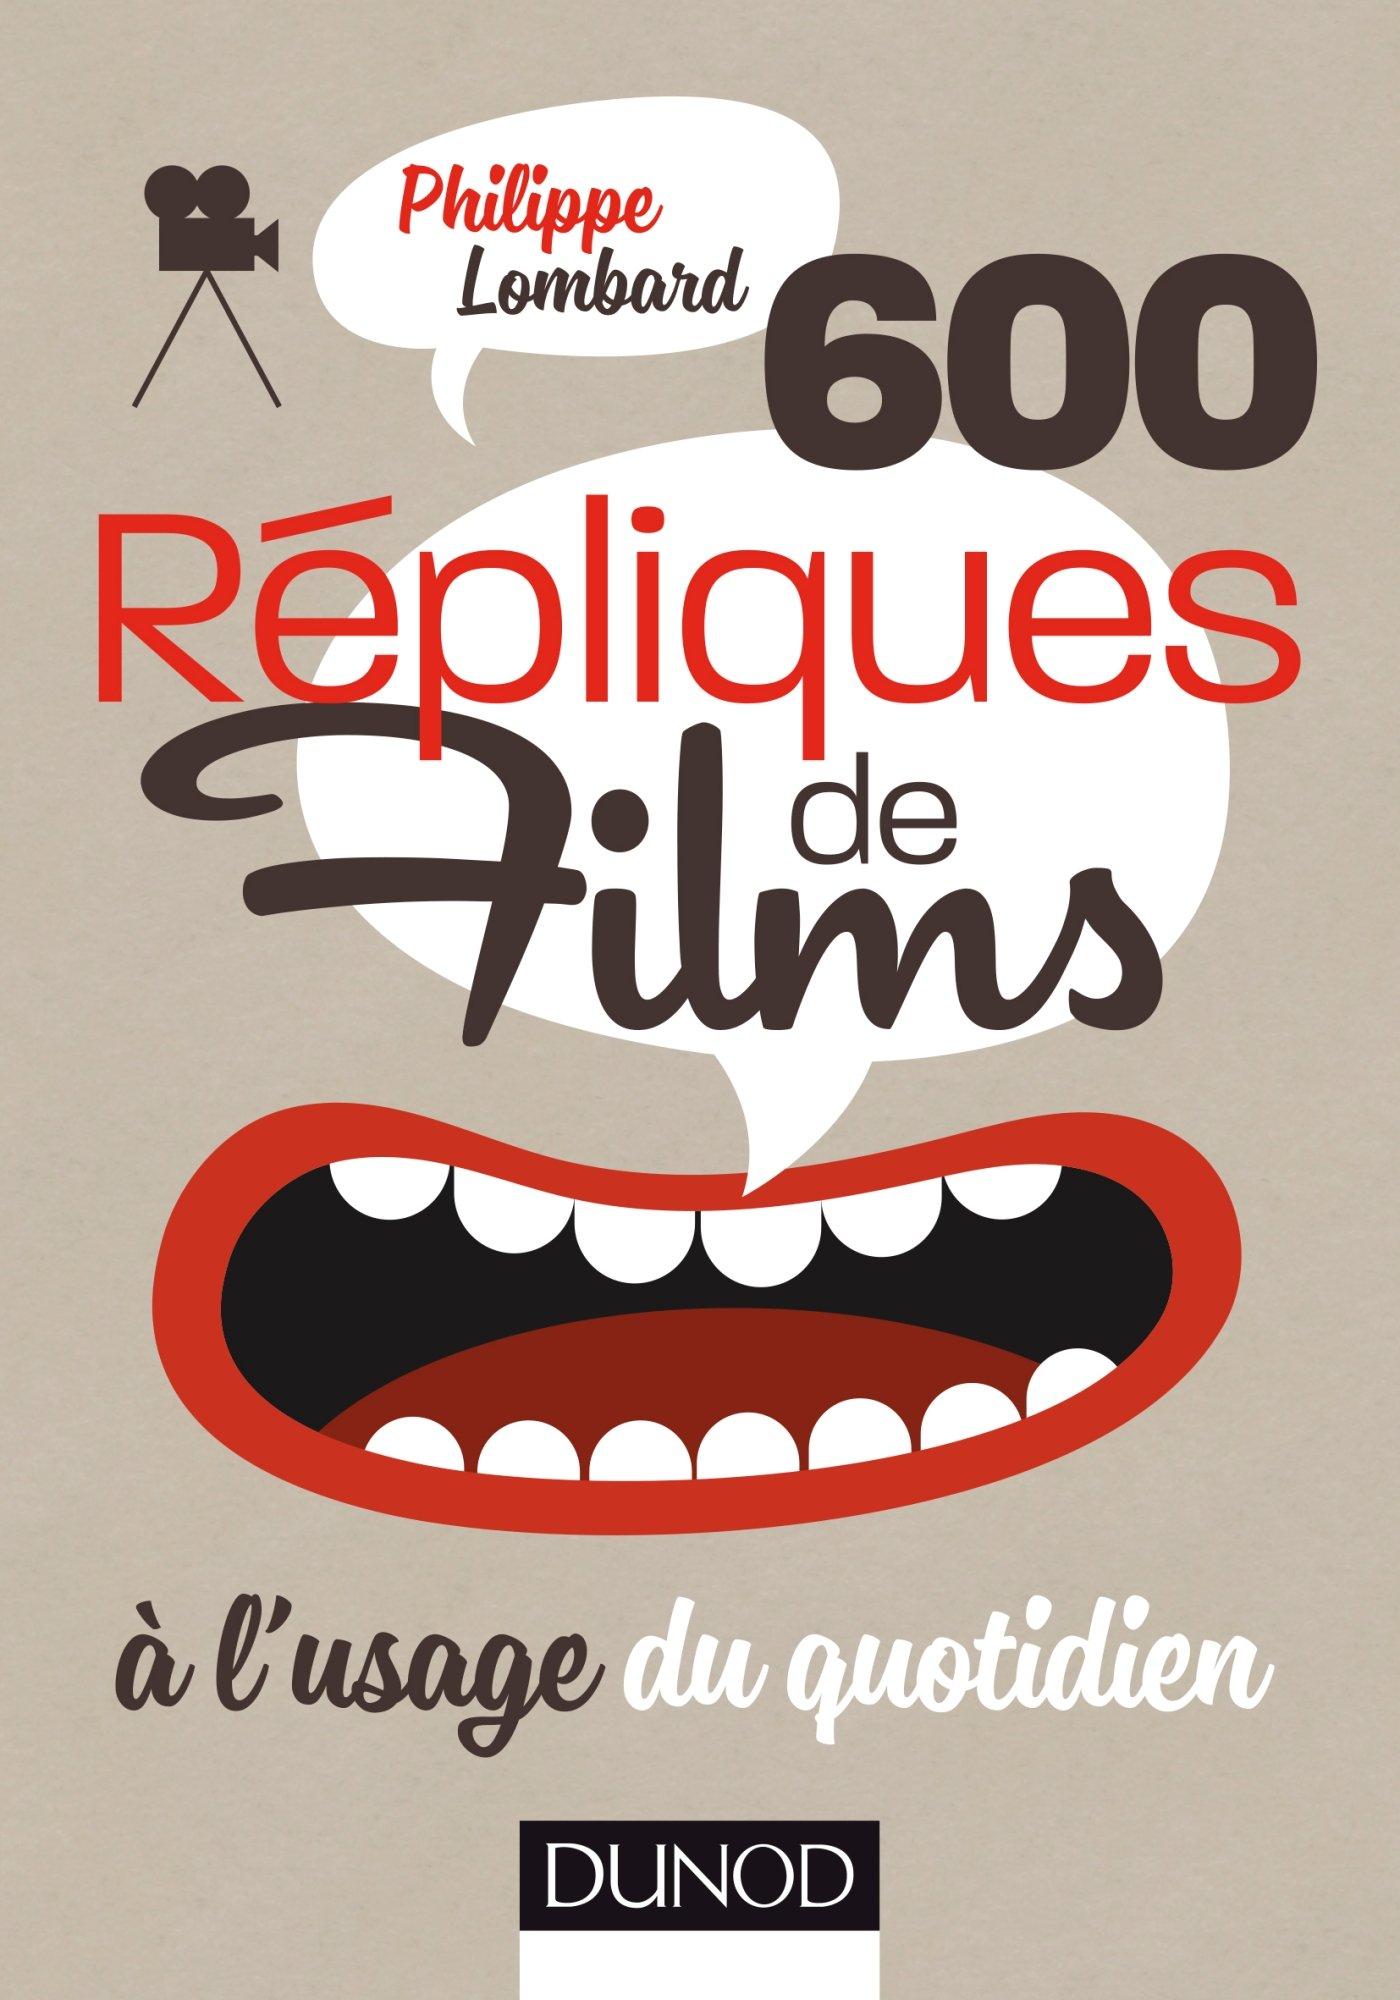 600 répliques de films à l'usage du quotidien.